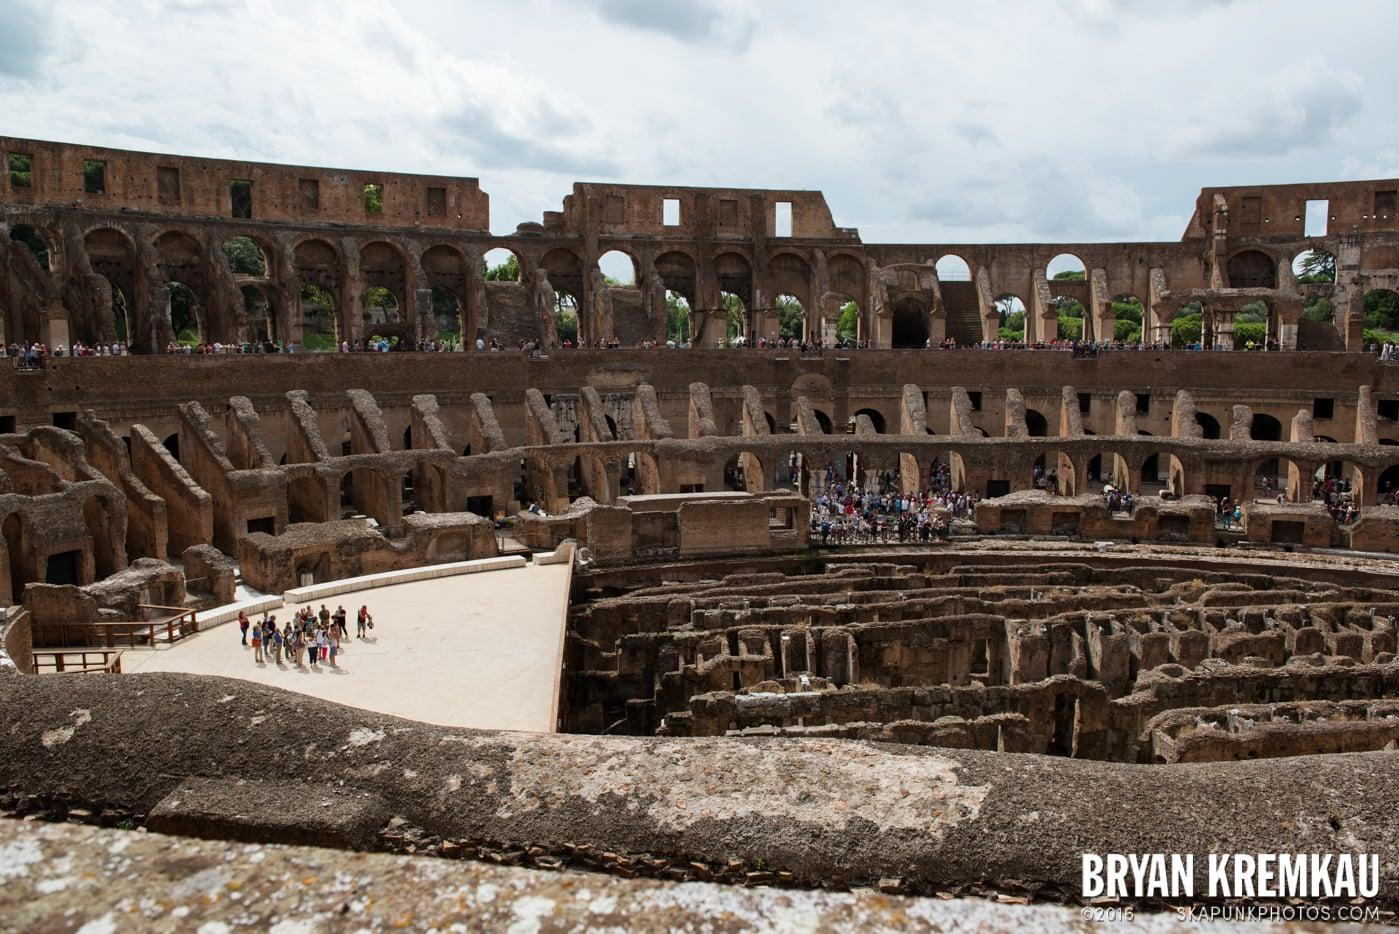 Italy Vacation - Day 2: Rome - 9.10.13 (56)